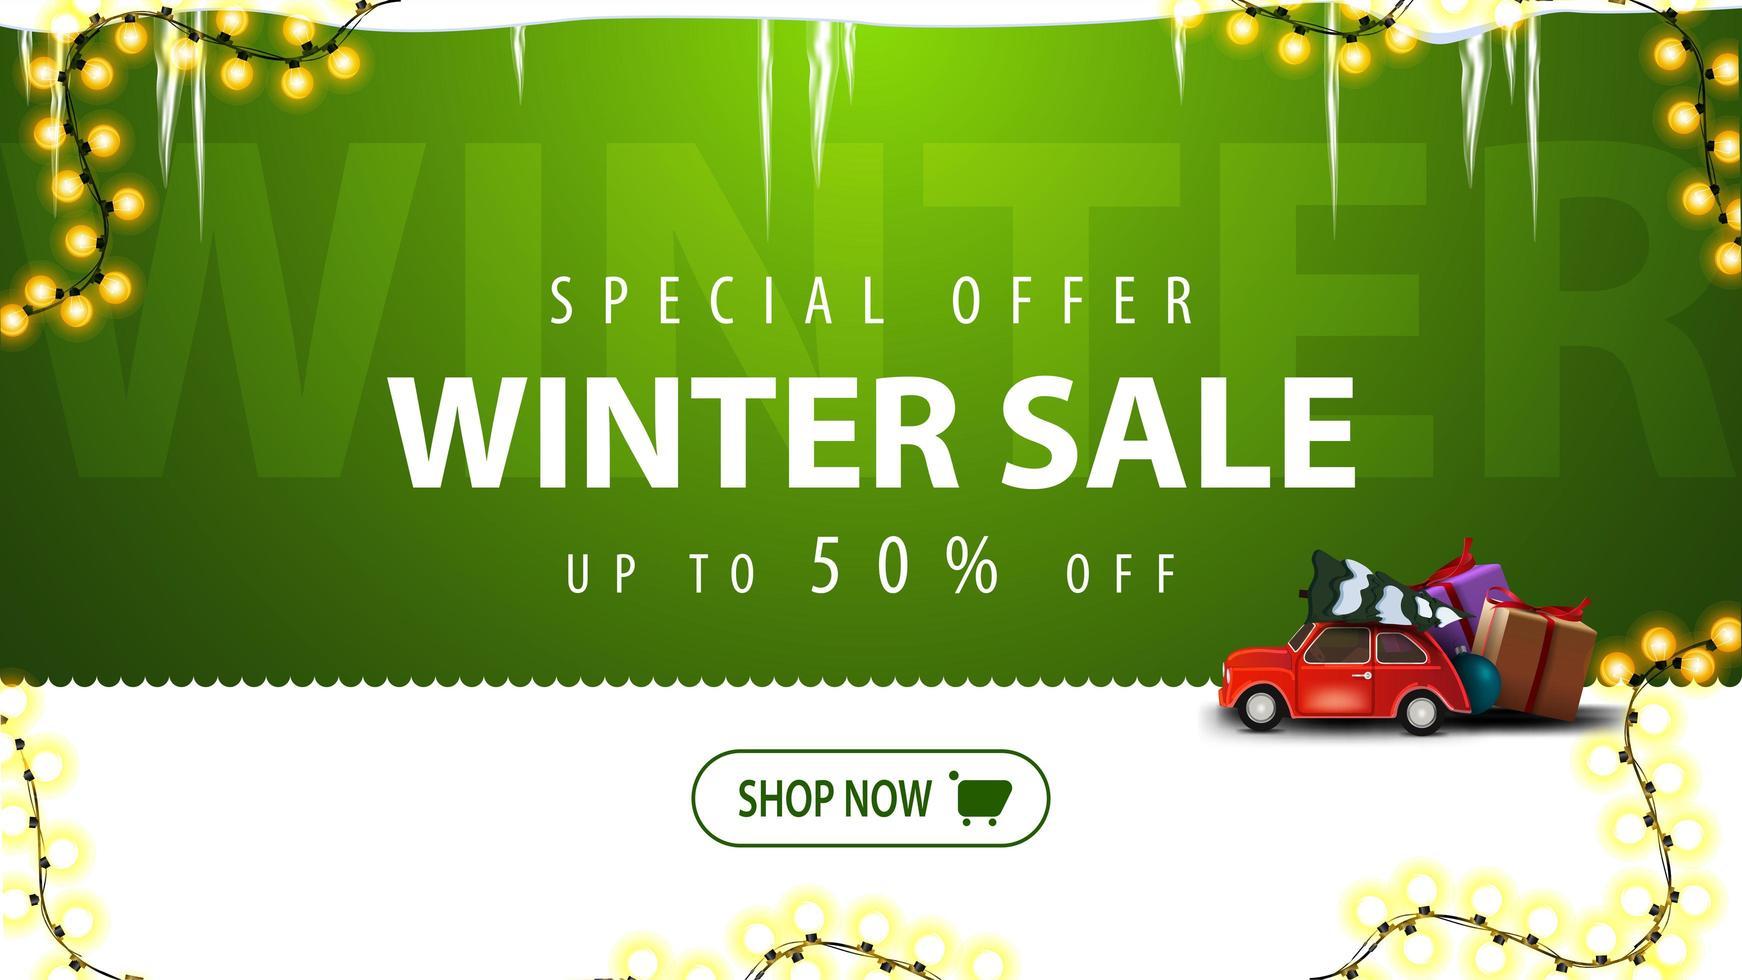 Winterschlussverkauf, grünes Rabattbanner mit Knopf vektor